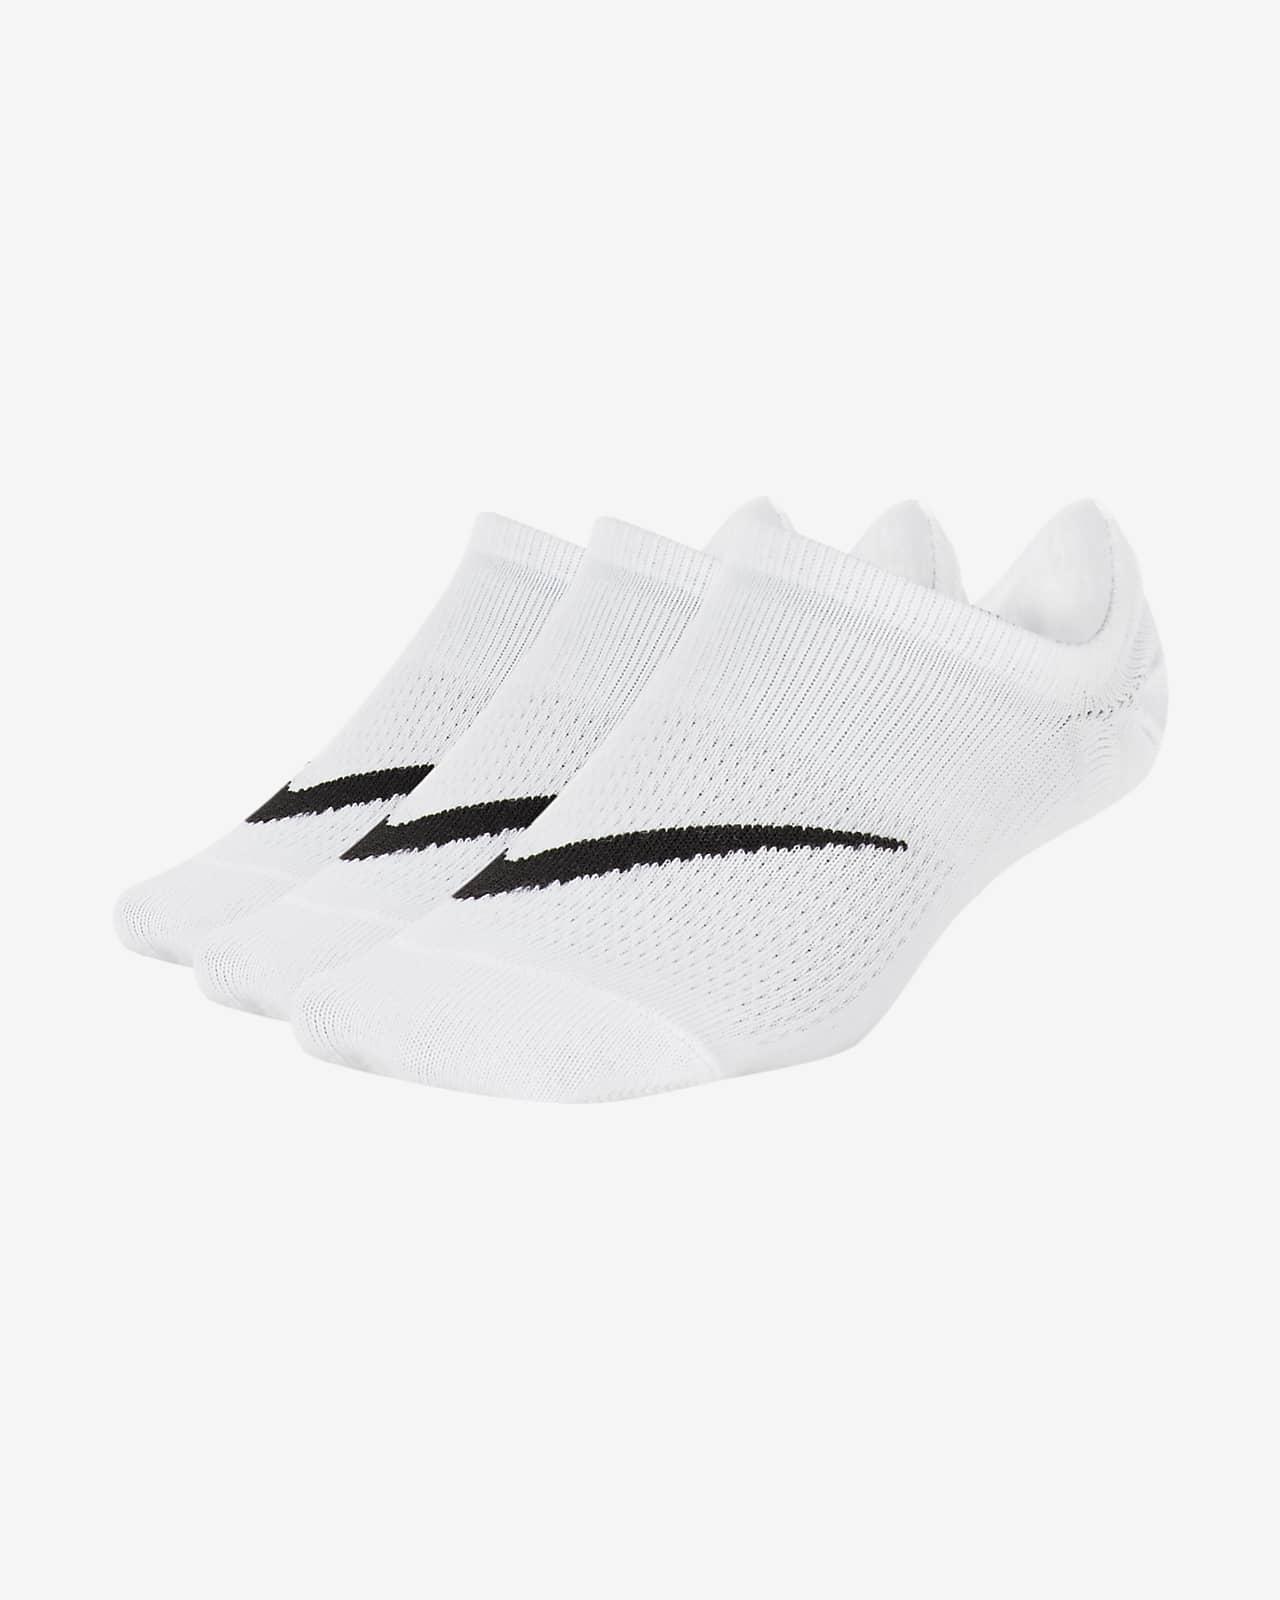 Nike Everyday Kids' Lightweight Footie Socks (3 Pairs)